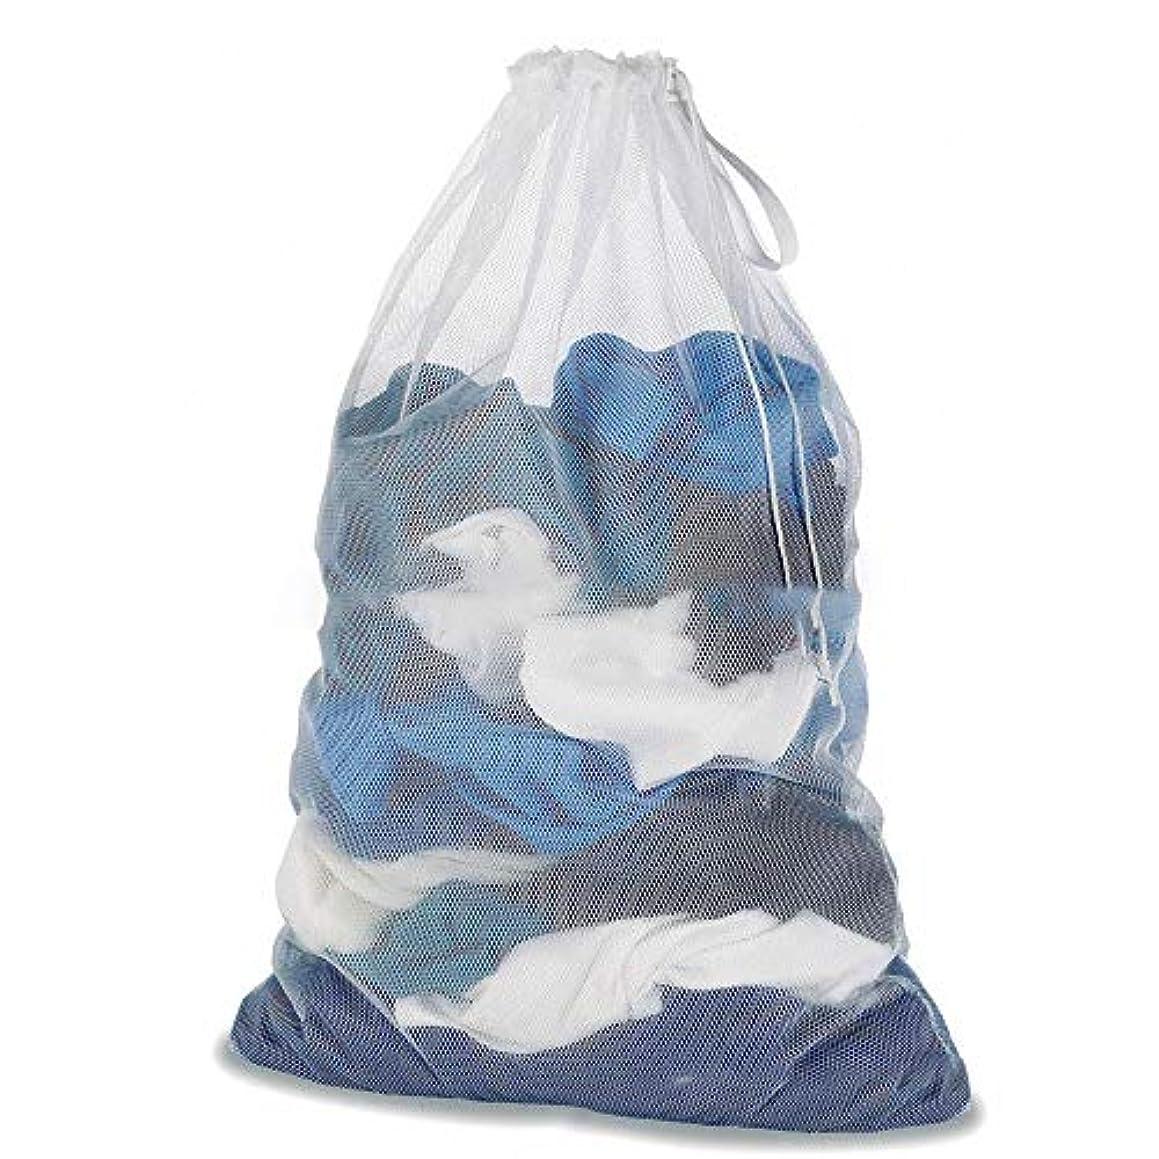 櫛宿題をする枢機卿赤ん坊の衣服、ドローストリングが付いているジャケットのカーテンのための大きい網の洗濯袋の洗濯袋 (マルチカラー)